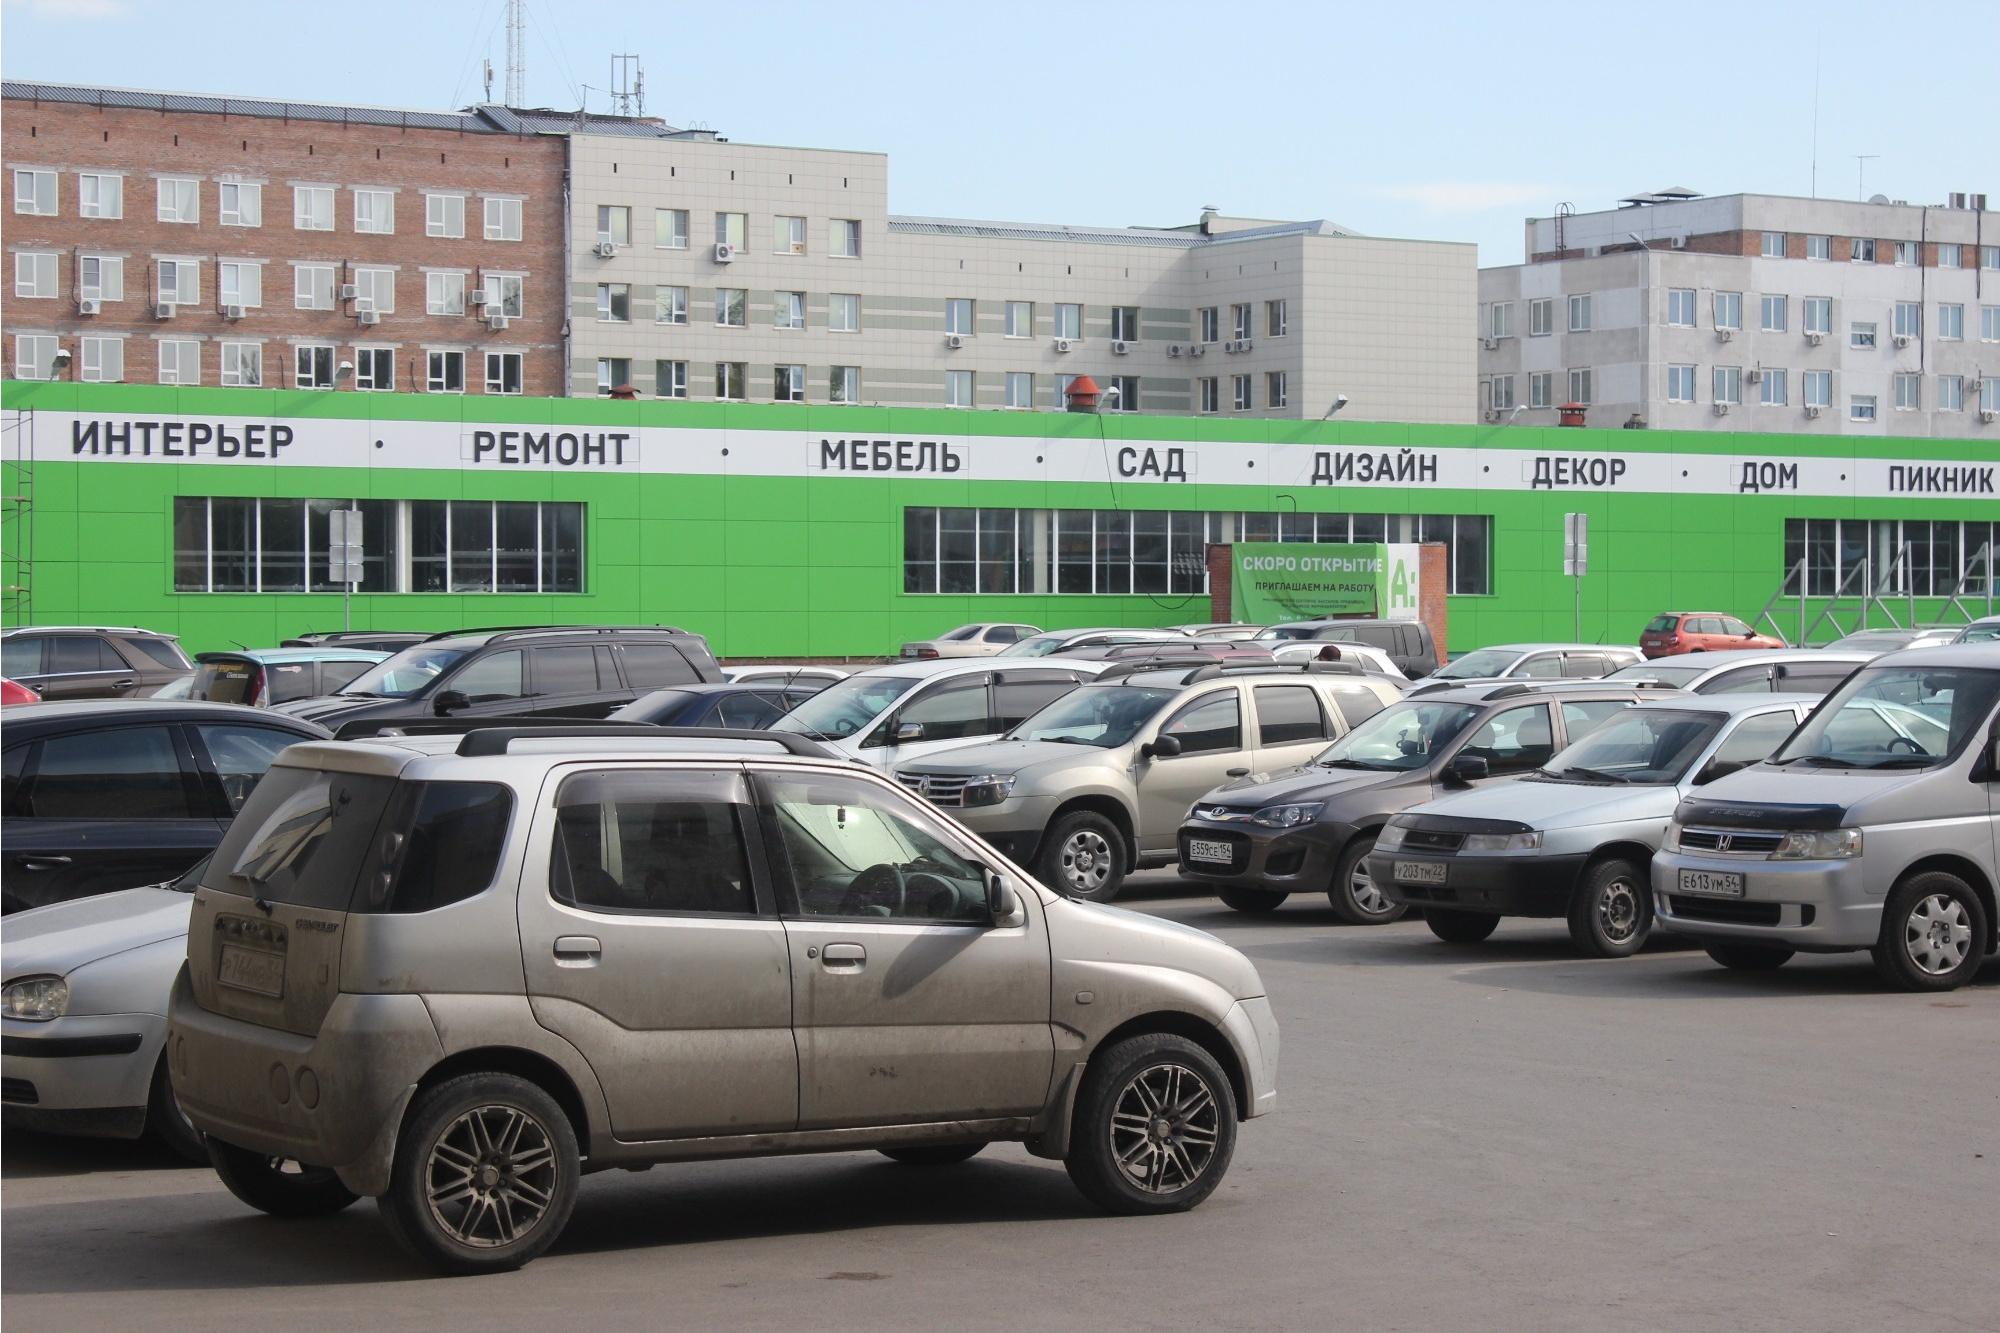 «Аксиома» расположилась по соседству с ТРК «Эдем» —их разделяет только парковка